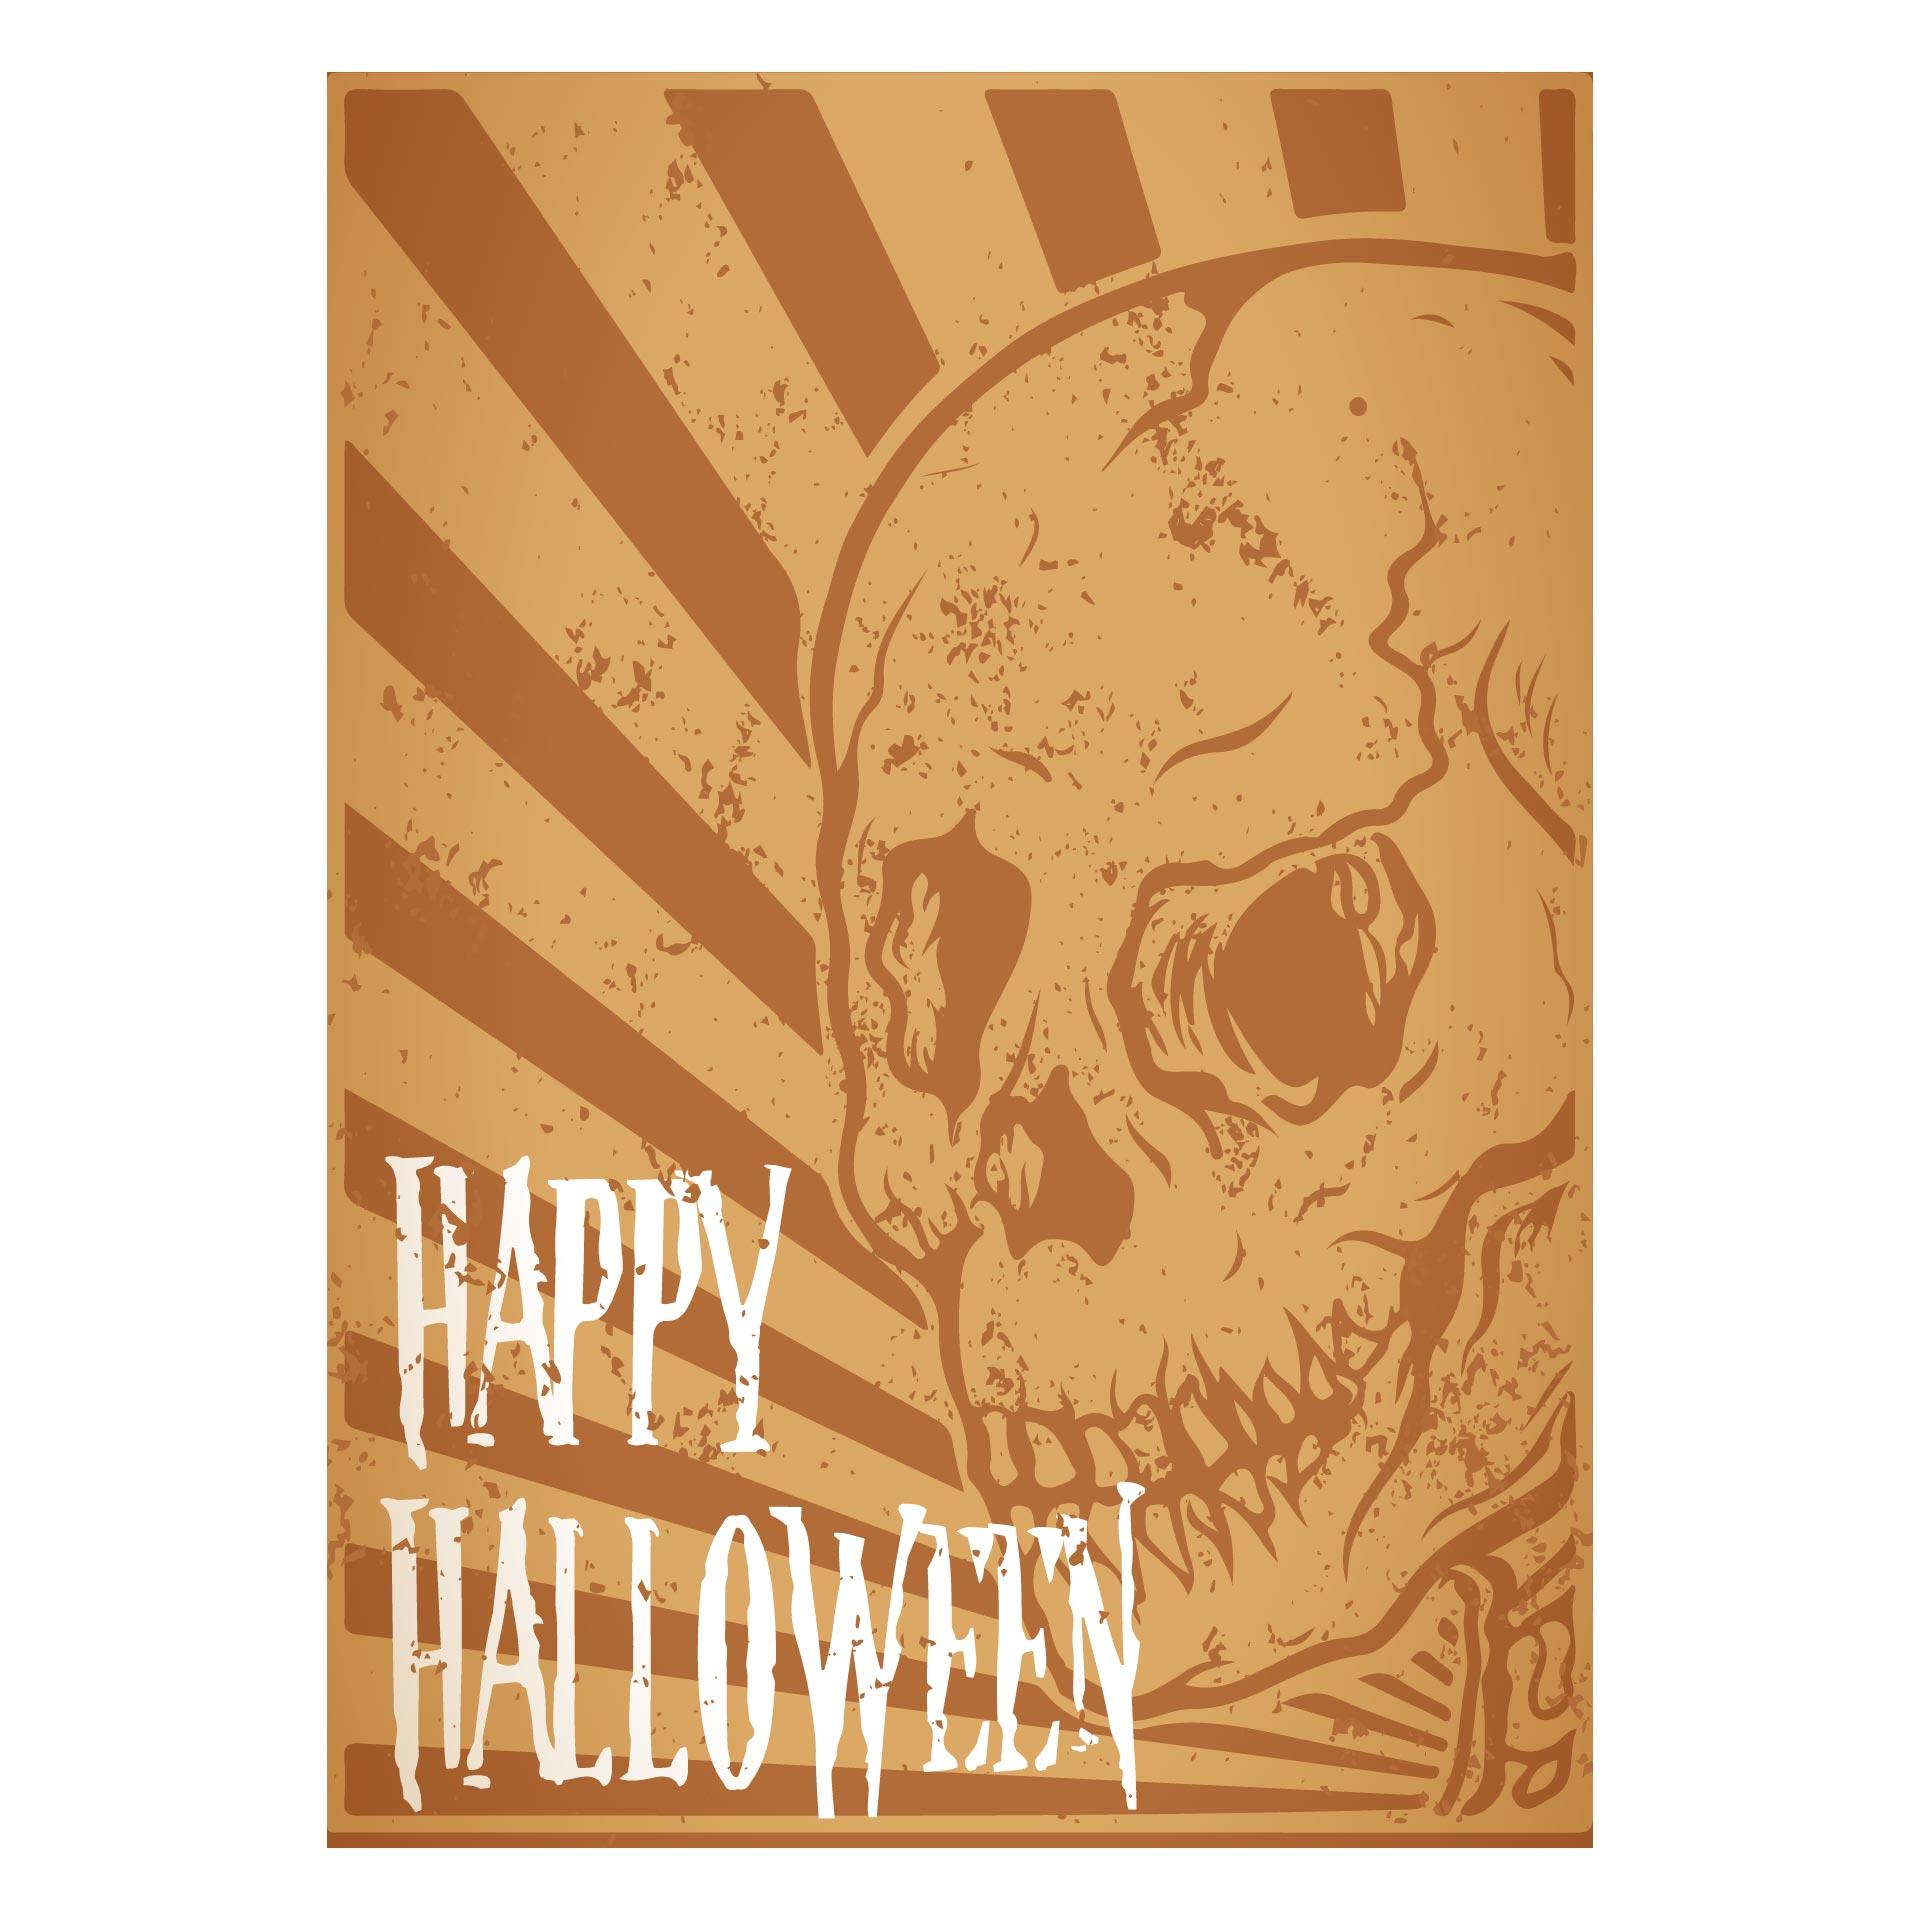 Vintage Halloween Postcards Images